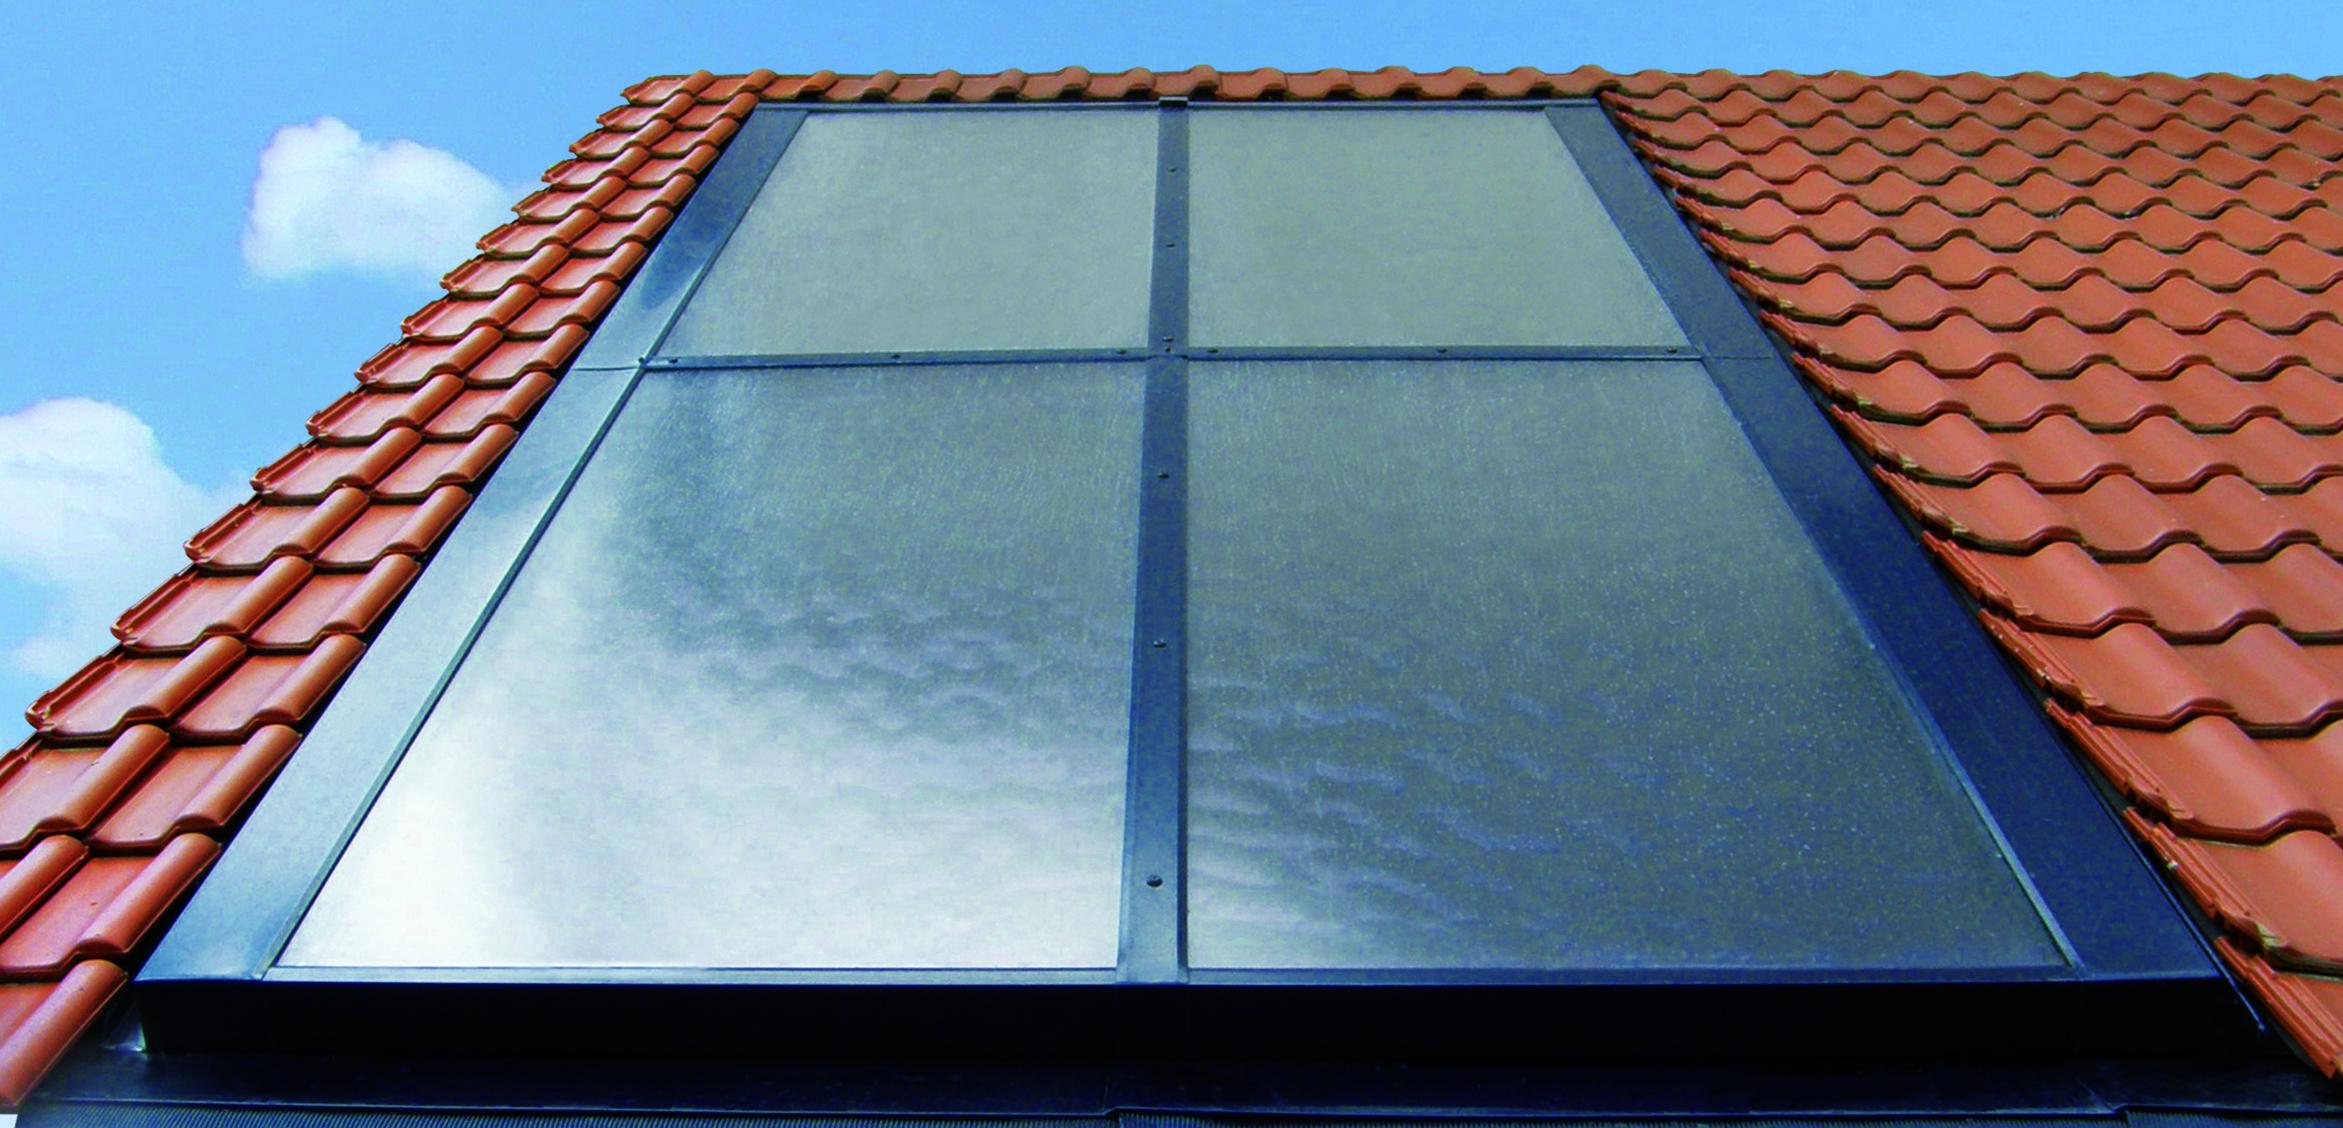 Les diff rents modes de chauffage - Fonctionnement du panneau solaire ...